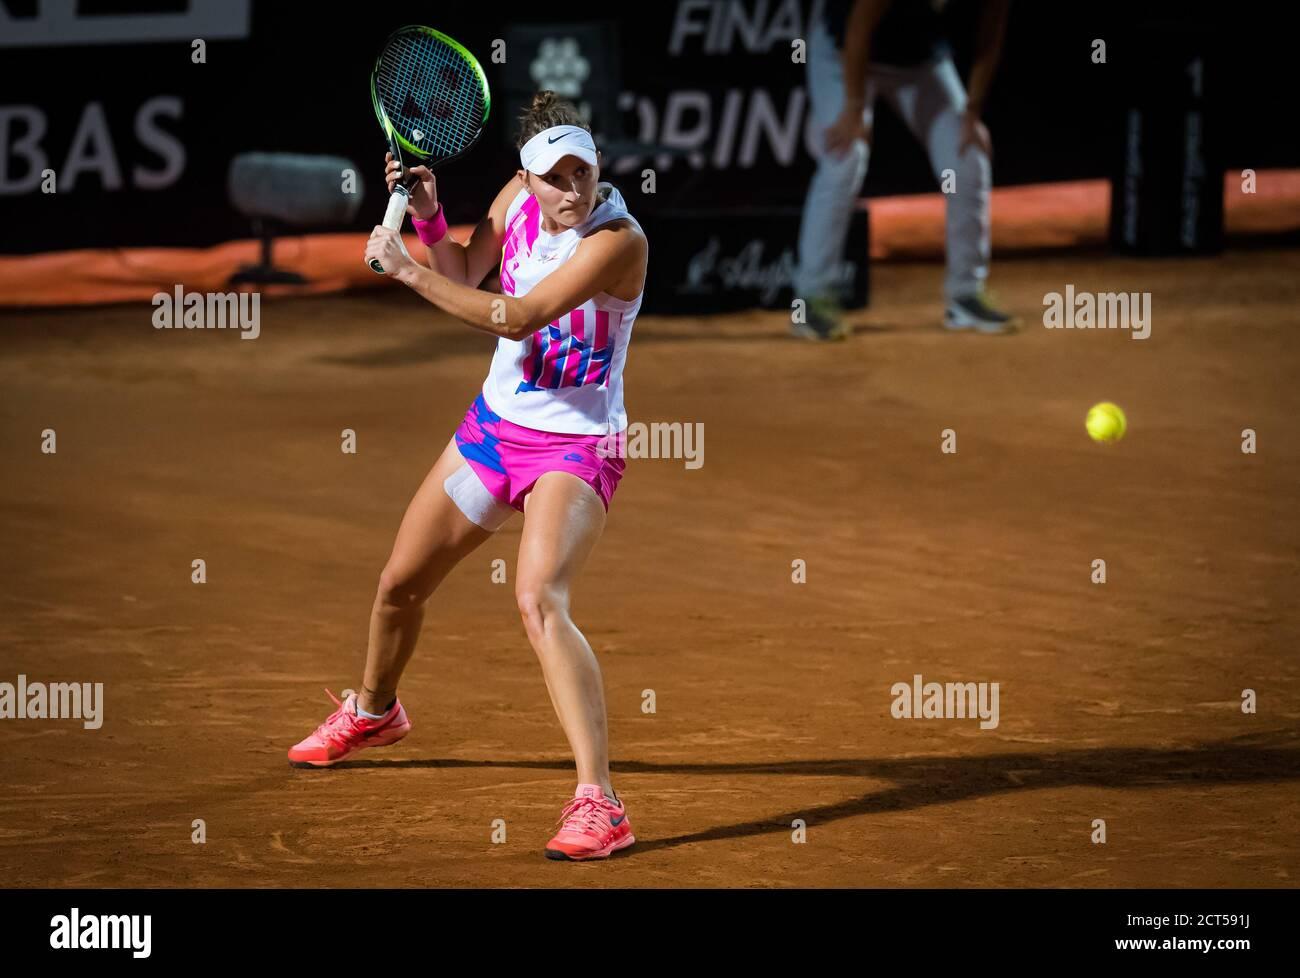 Marketa Vondrousova de la República Checa en acción durante ella Su partido cuarto-final en el 2020 Internazionali BNL d'Italia WTA Premier 5 tenis a. Foto de stock